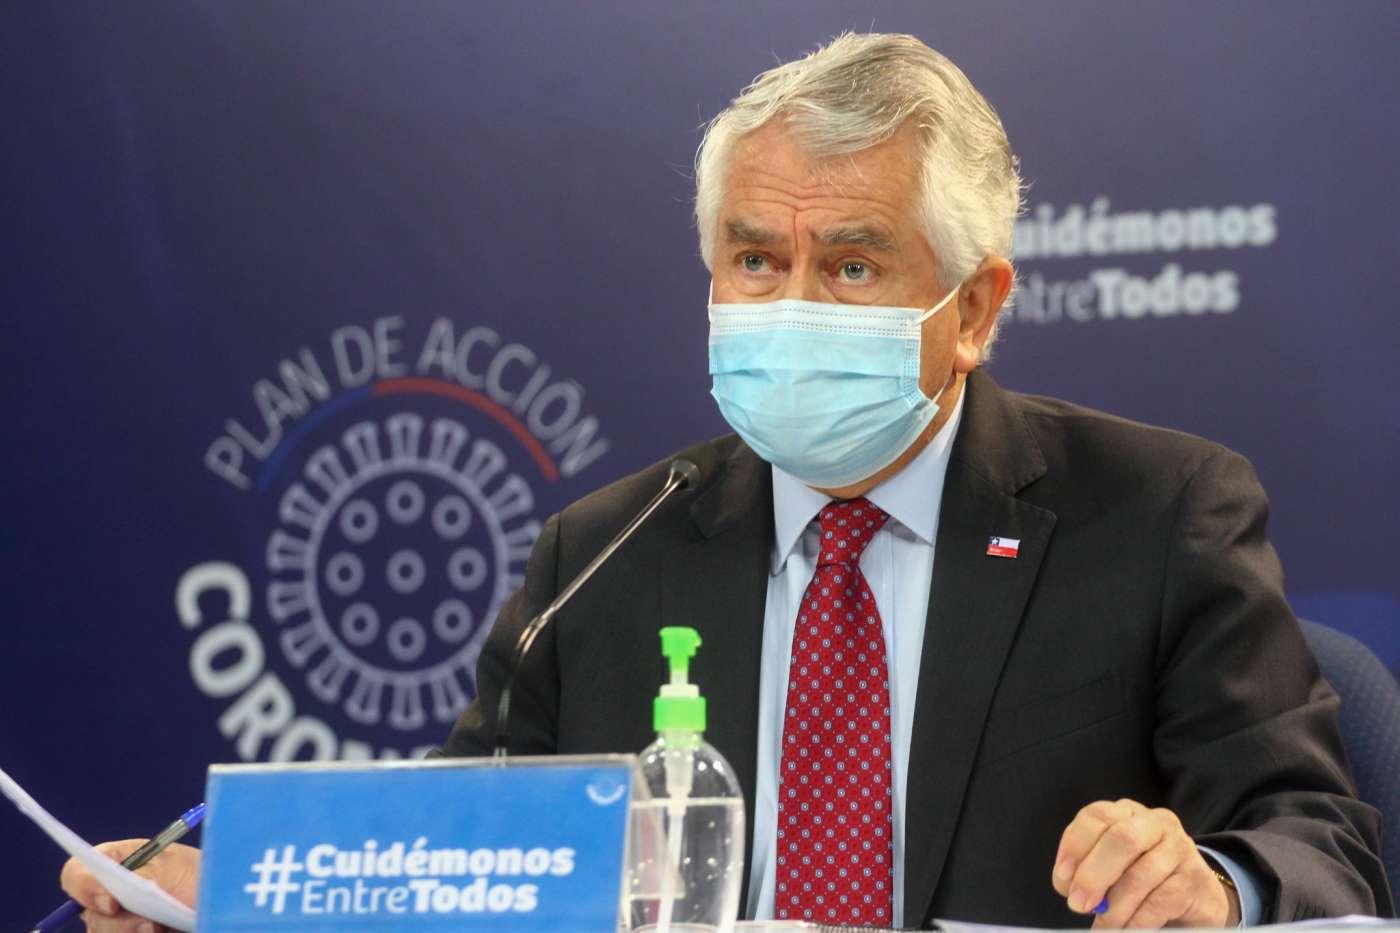 Alerta Sanitaria se extiende por 6 meses más en todo el territorio nacional